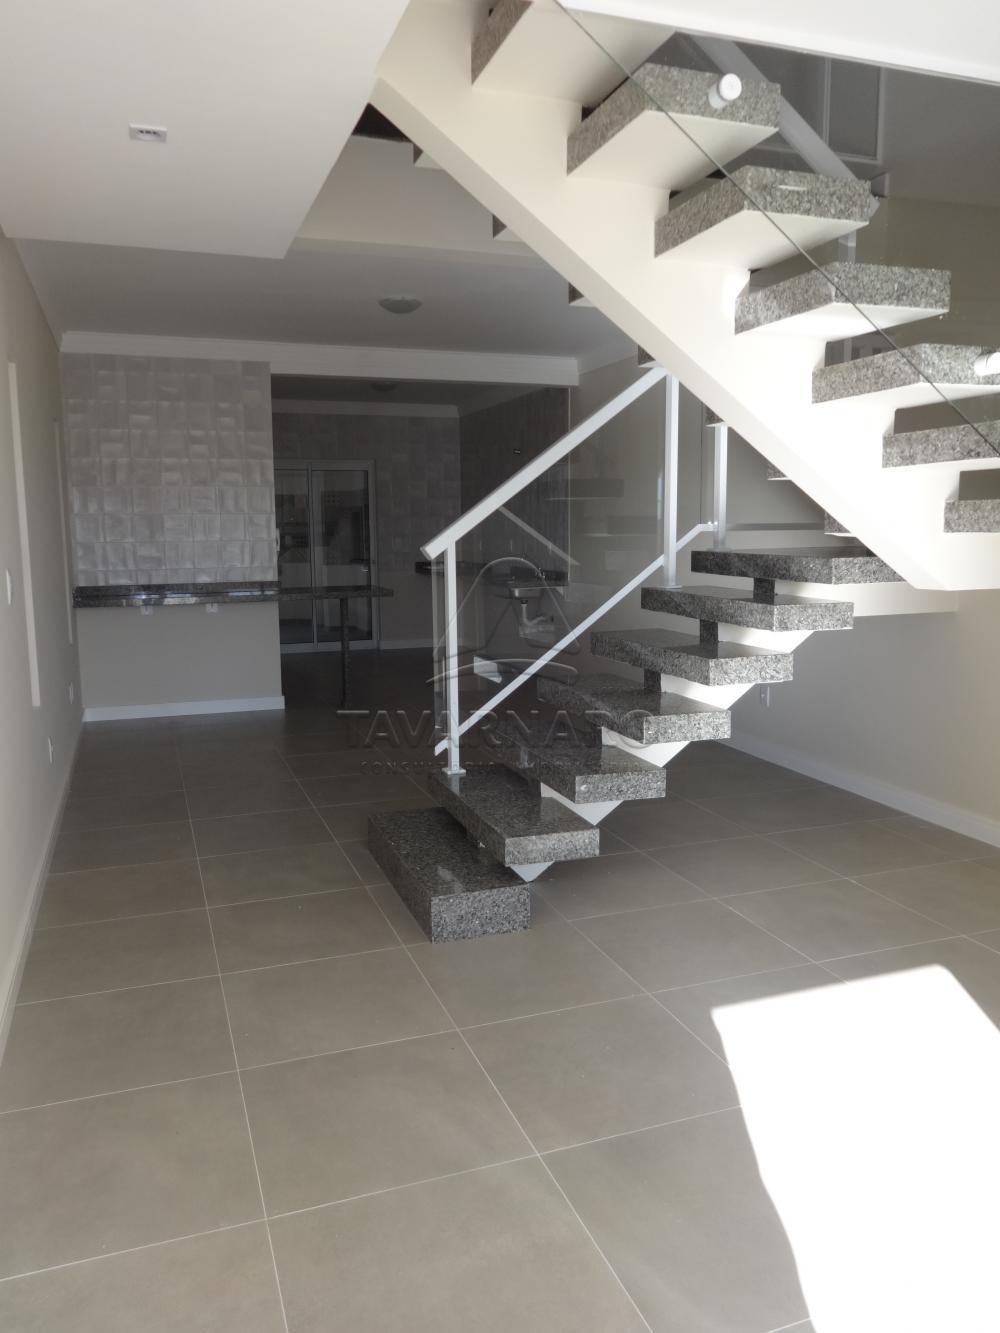 Alugar Casa / Sobrado em Ponta Grossa apenas R$ 2.100,00 - Foto 2